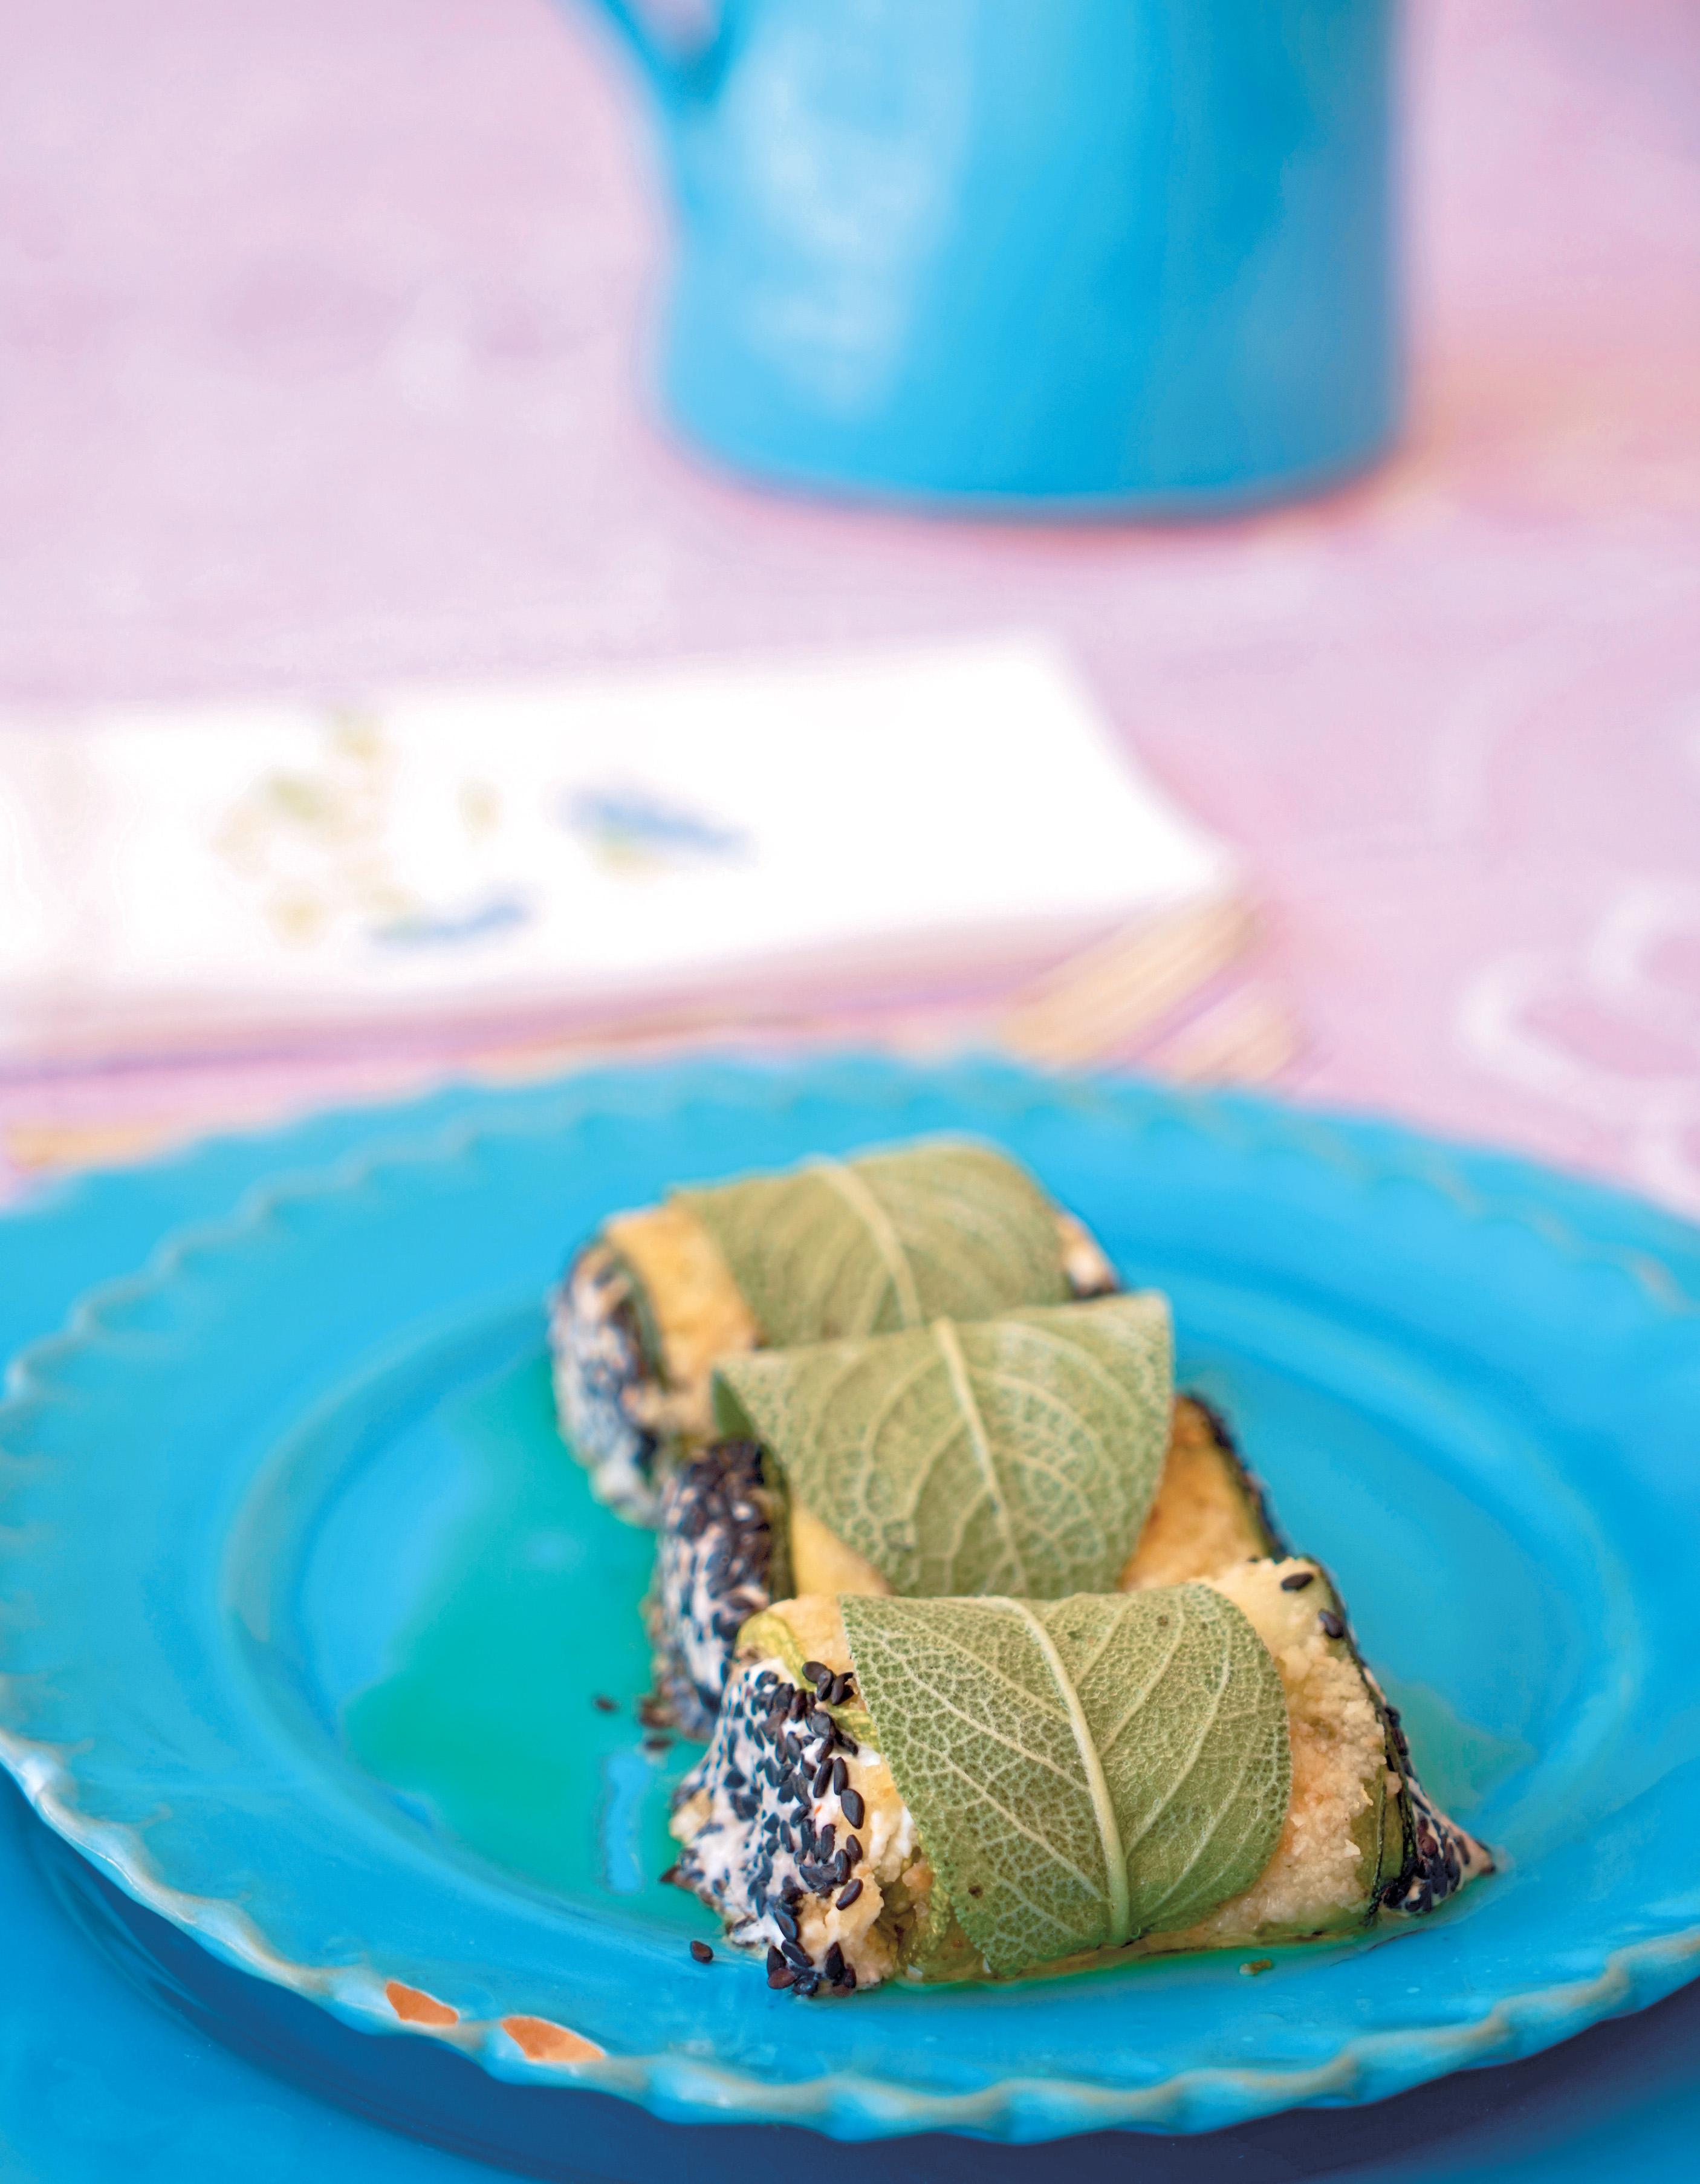 Rotolini di Zucchini con Ricotta (Ricotta-Stuffed Zucchini)